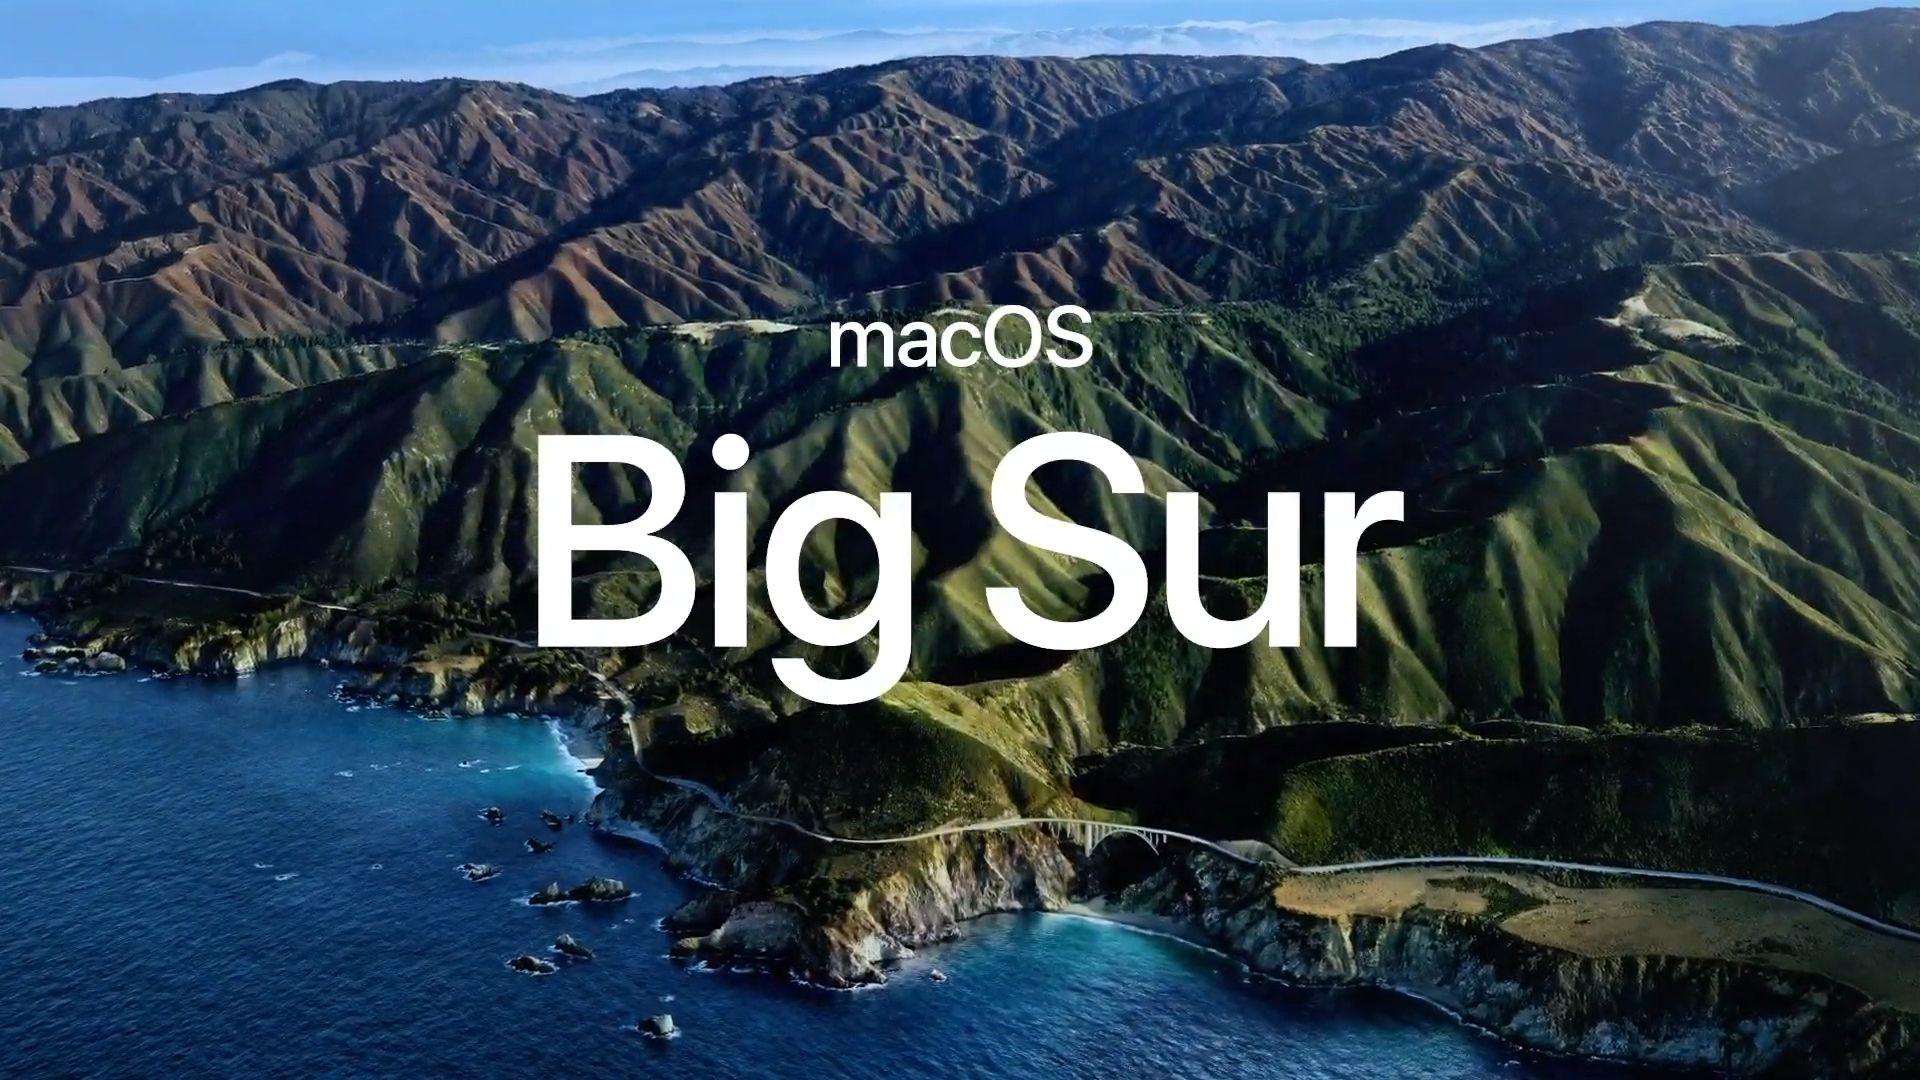 Systemy macOS Big Sur w wersji 11.1 oraz 11.2 mają problemy